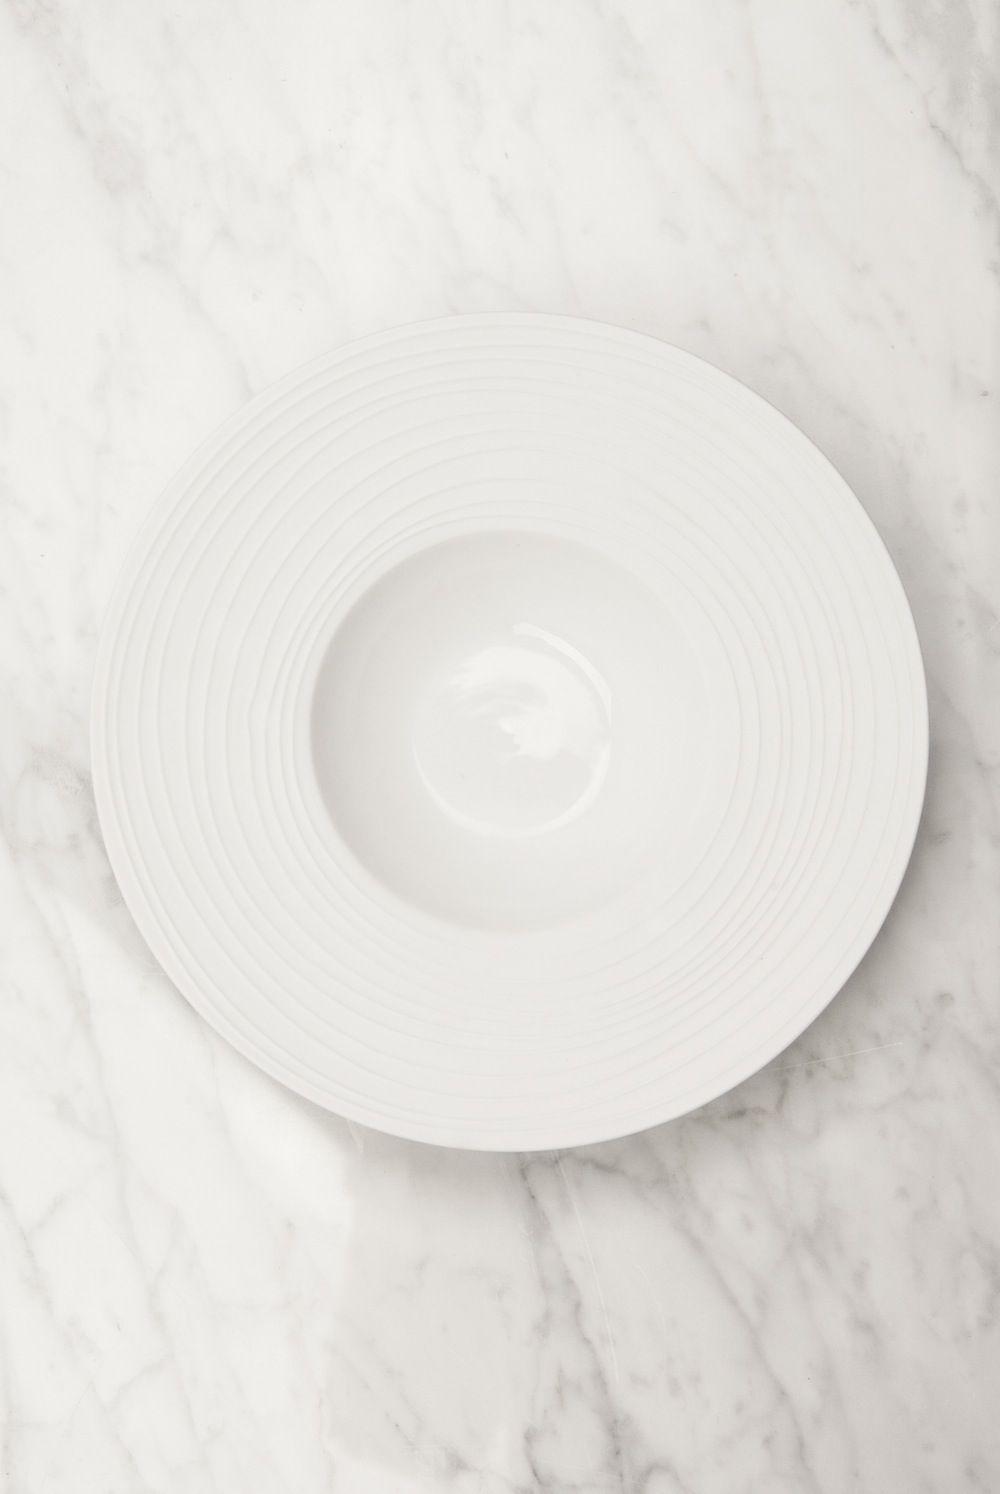 Conjunto de 6 unidades de plato gourmet con relieve for Platos porcelana blanca